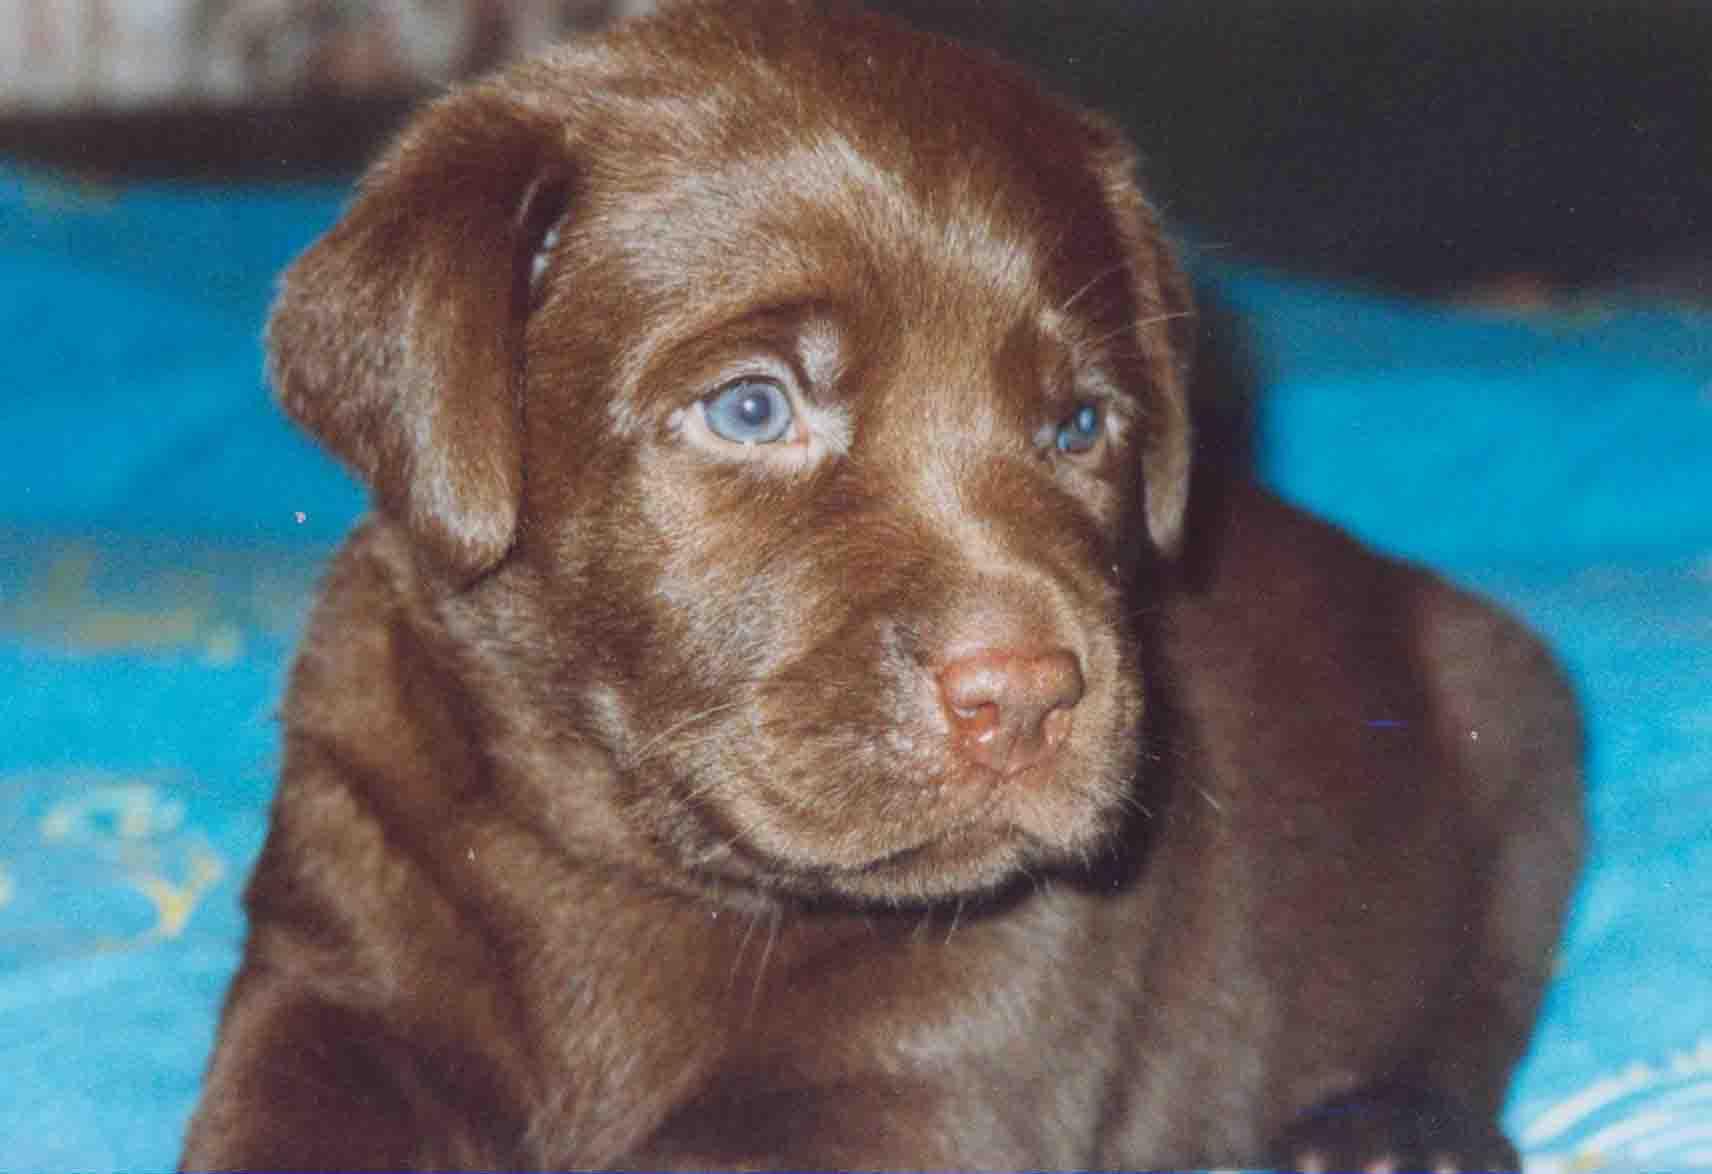 Шоколадный лабрадор (42 фото): описание щенков коричневого цвета с голубыми глазами, клички для собак-мальчиков и девочек окраса шоколад